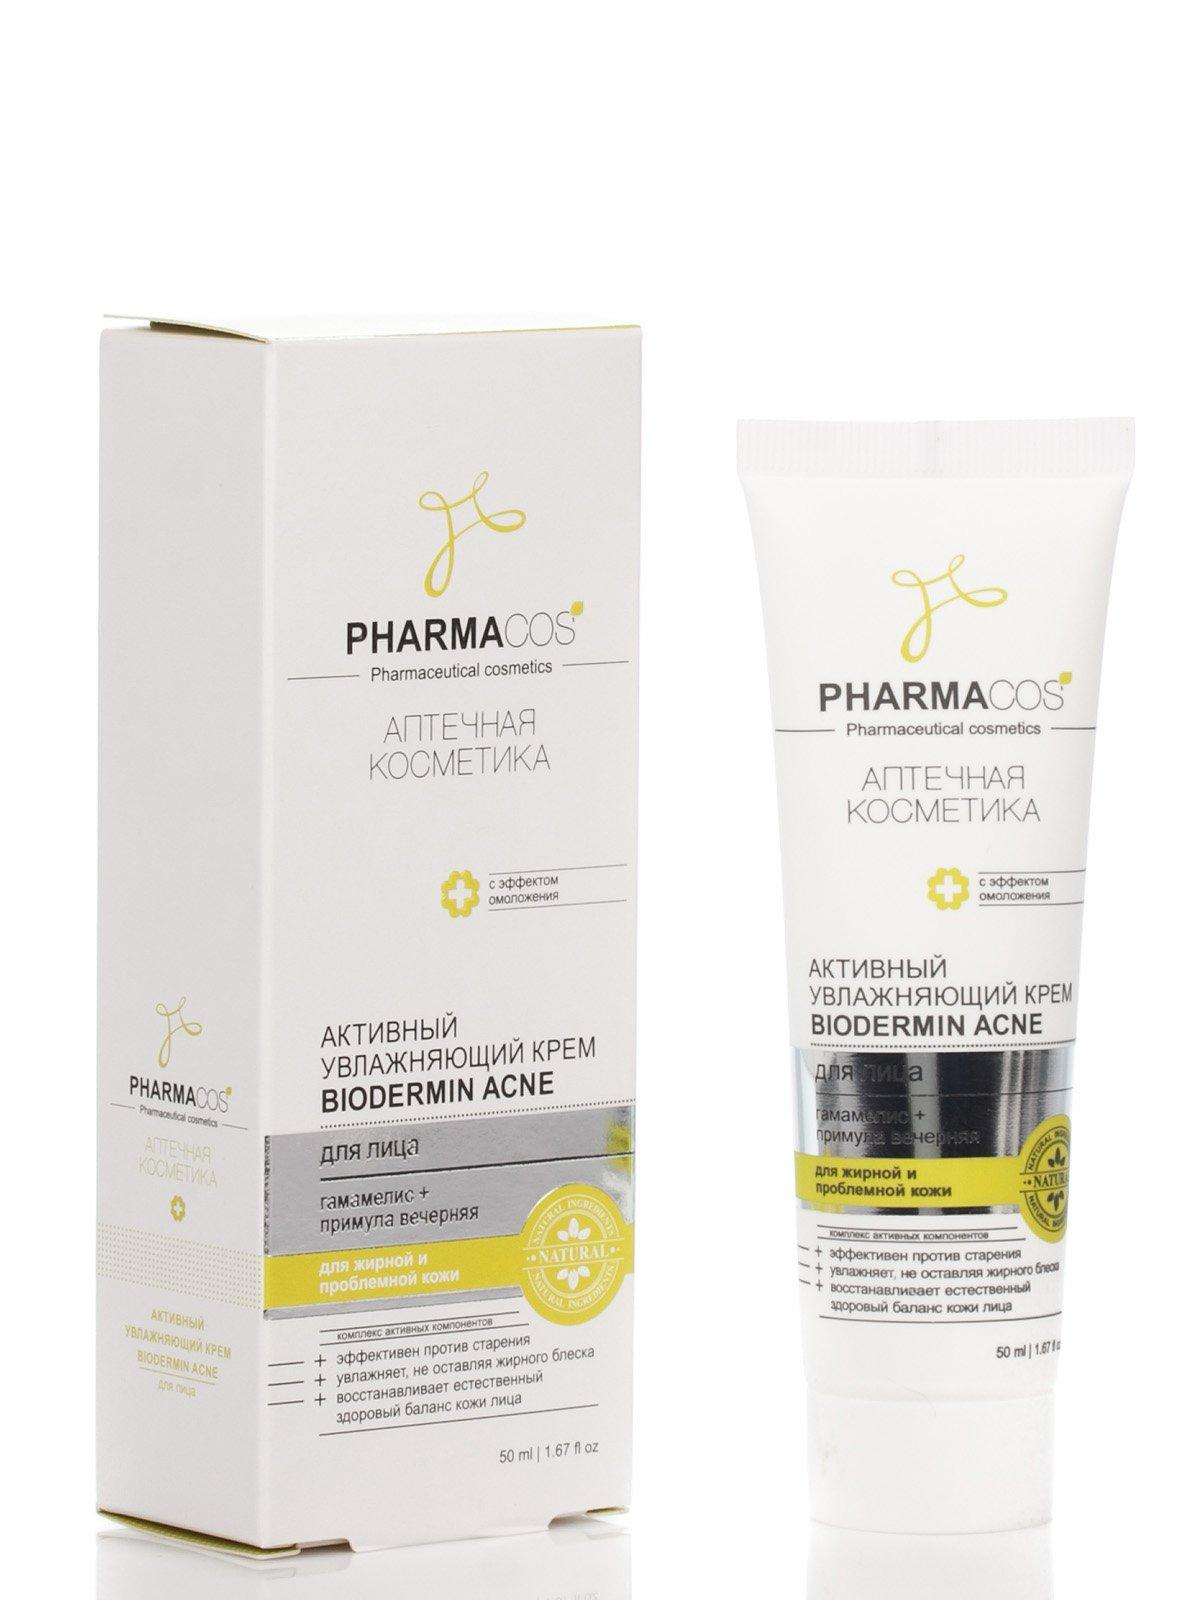 Активный увлажняющий крем Biodermin Acne для лица | 2443704